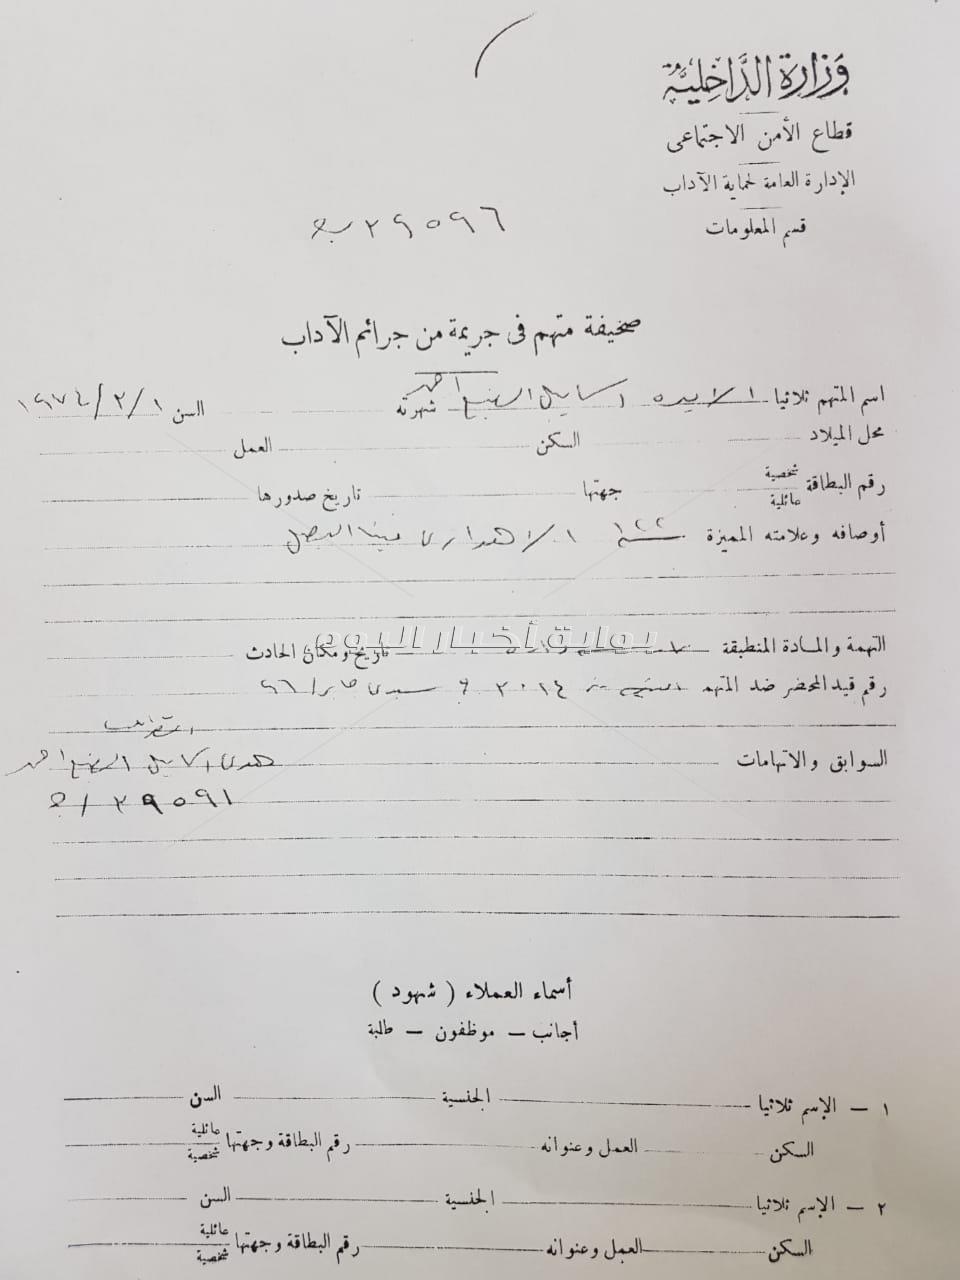 حكاية« الأميرة إسماعيل» من فتاة ليل في بيوت الدعارة لمستاجرة تهاجم الدولة